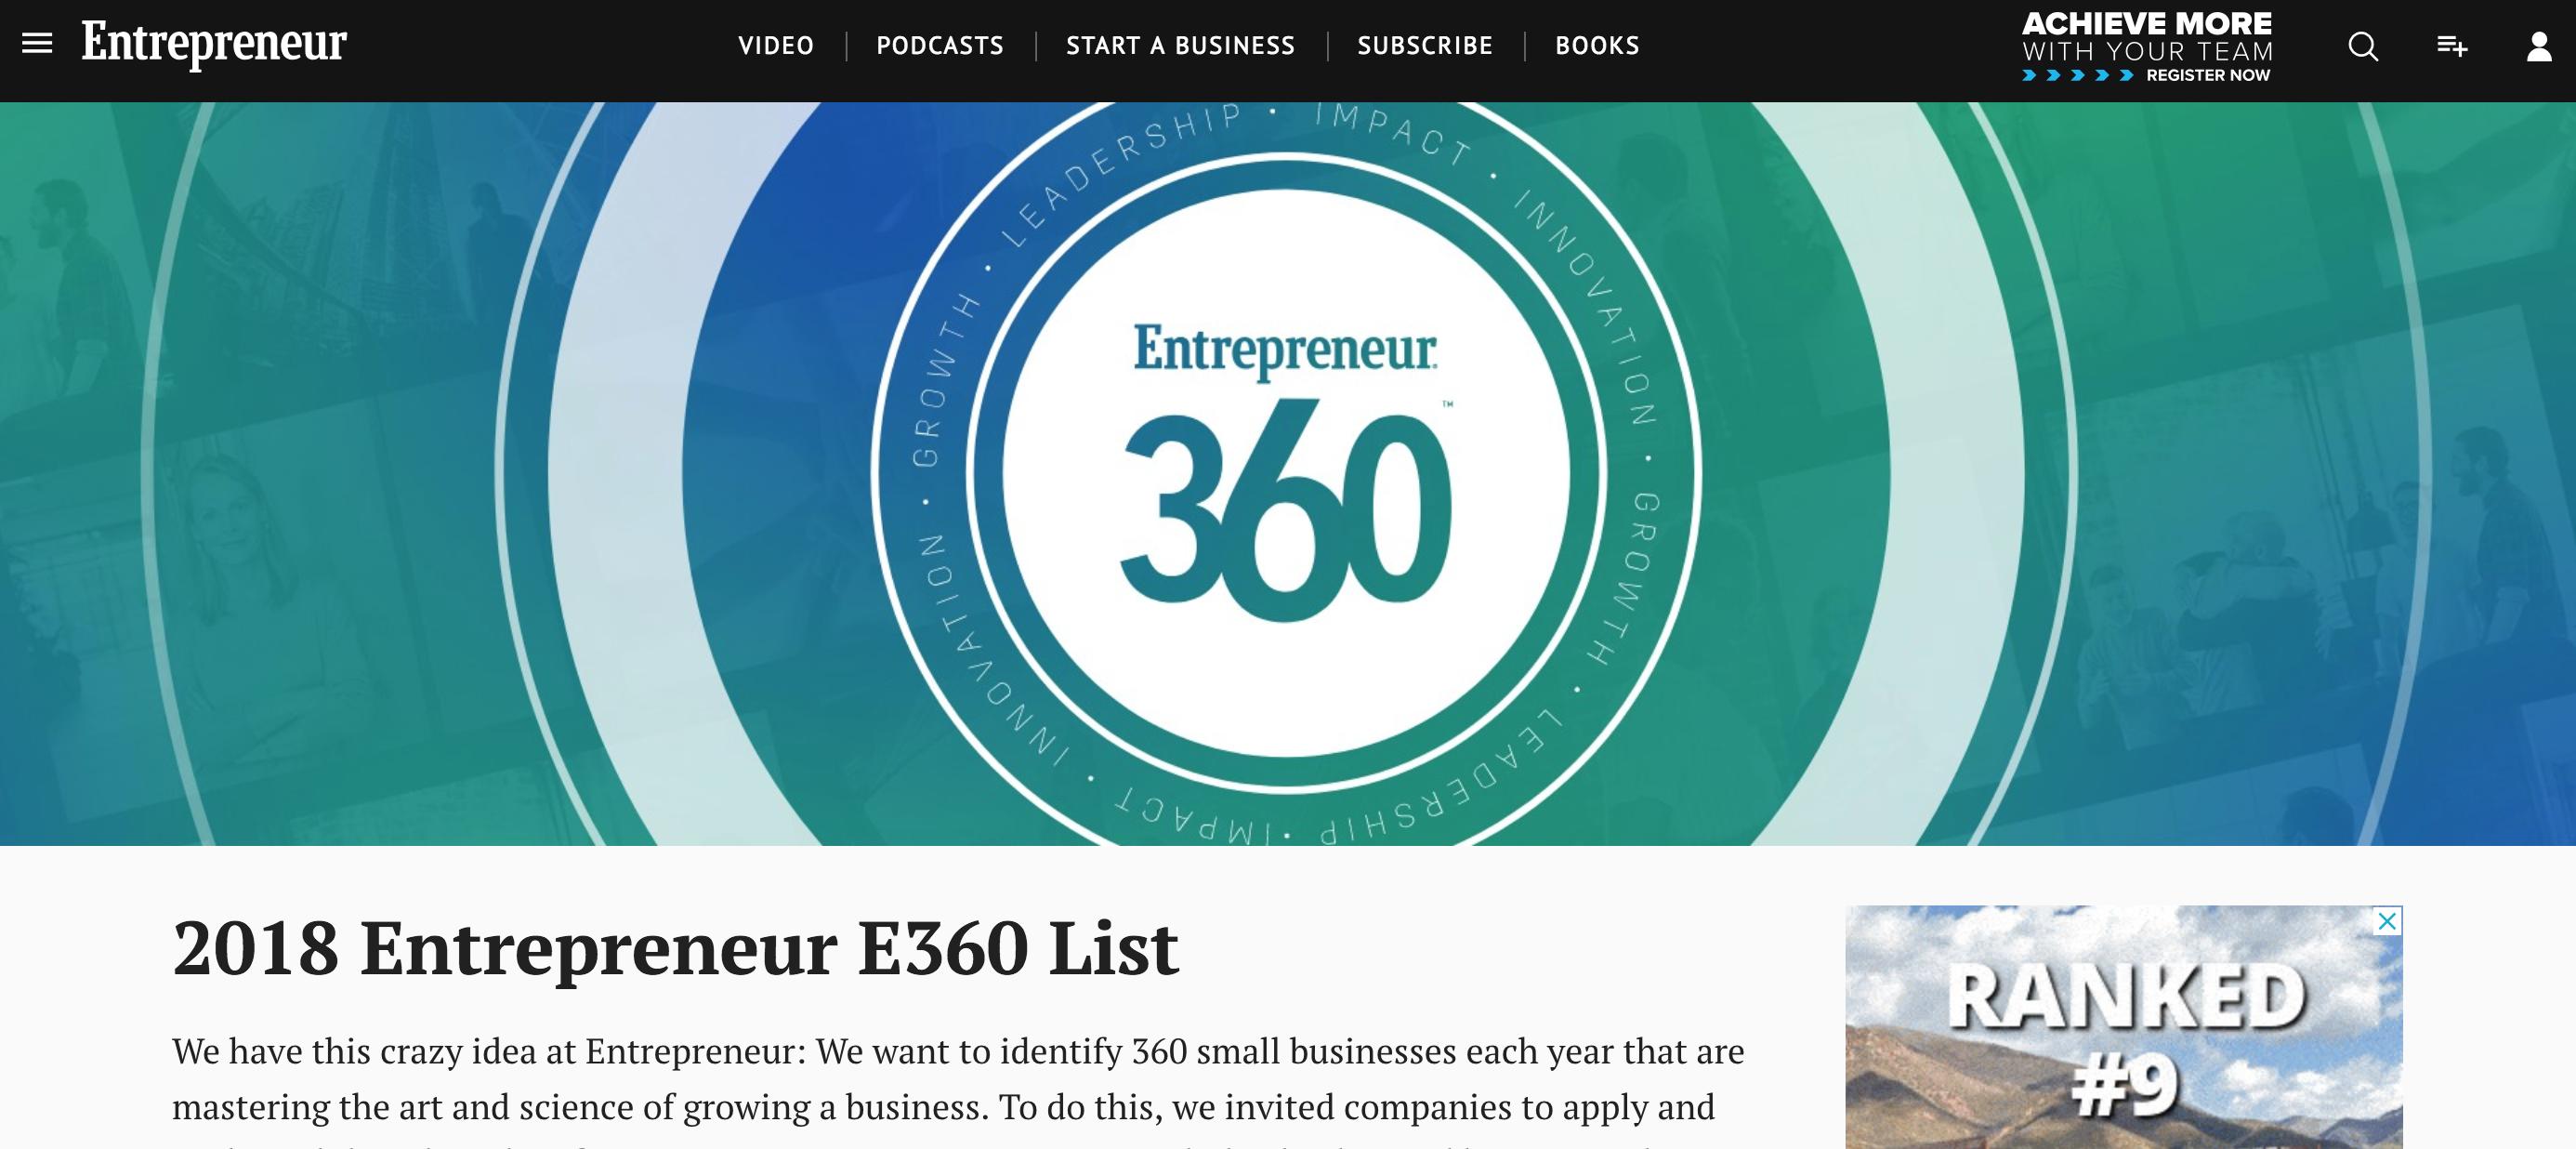 """GeoLinks Named One of the """"Best Entrepreneurial Companies in America"""" by Entrepreneur Magazine's Entrepreneur 360™ List"""